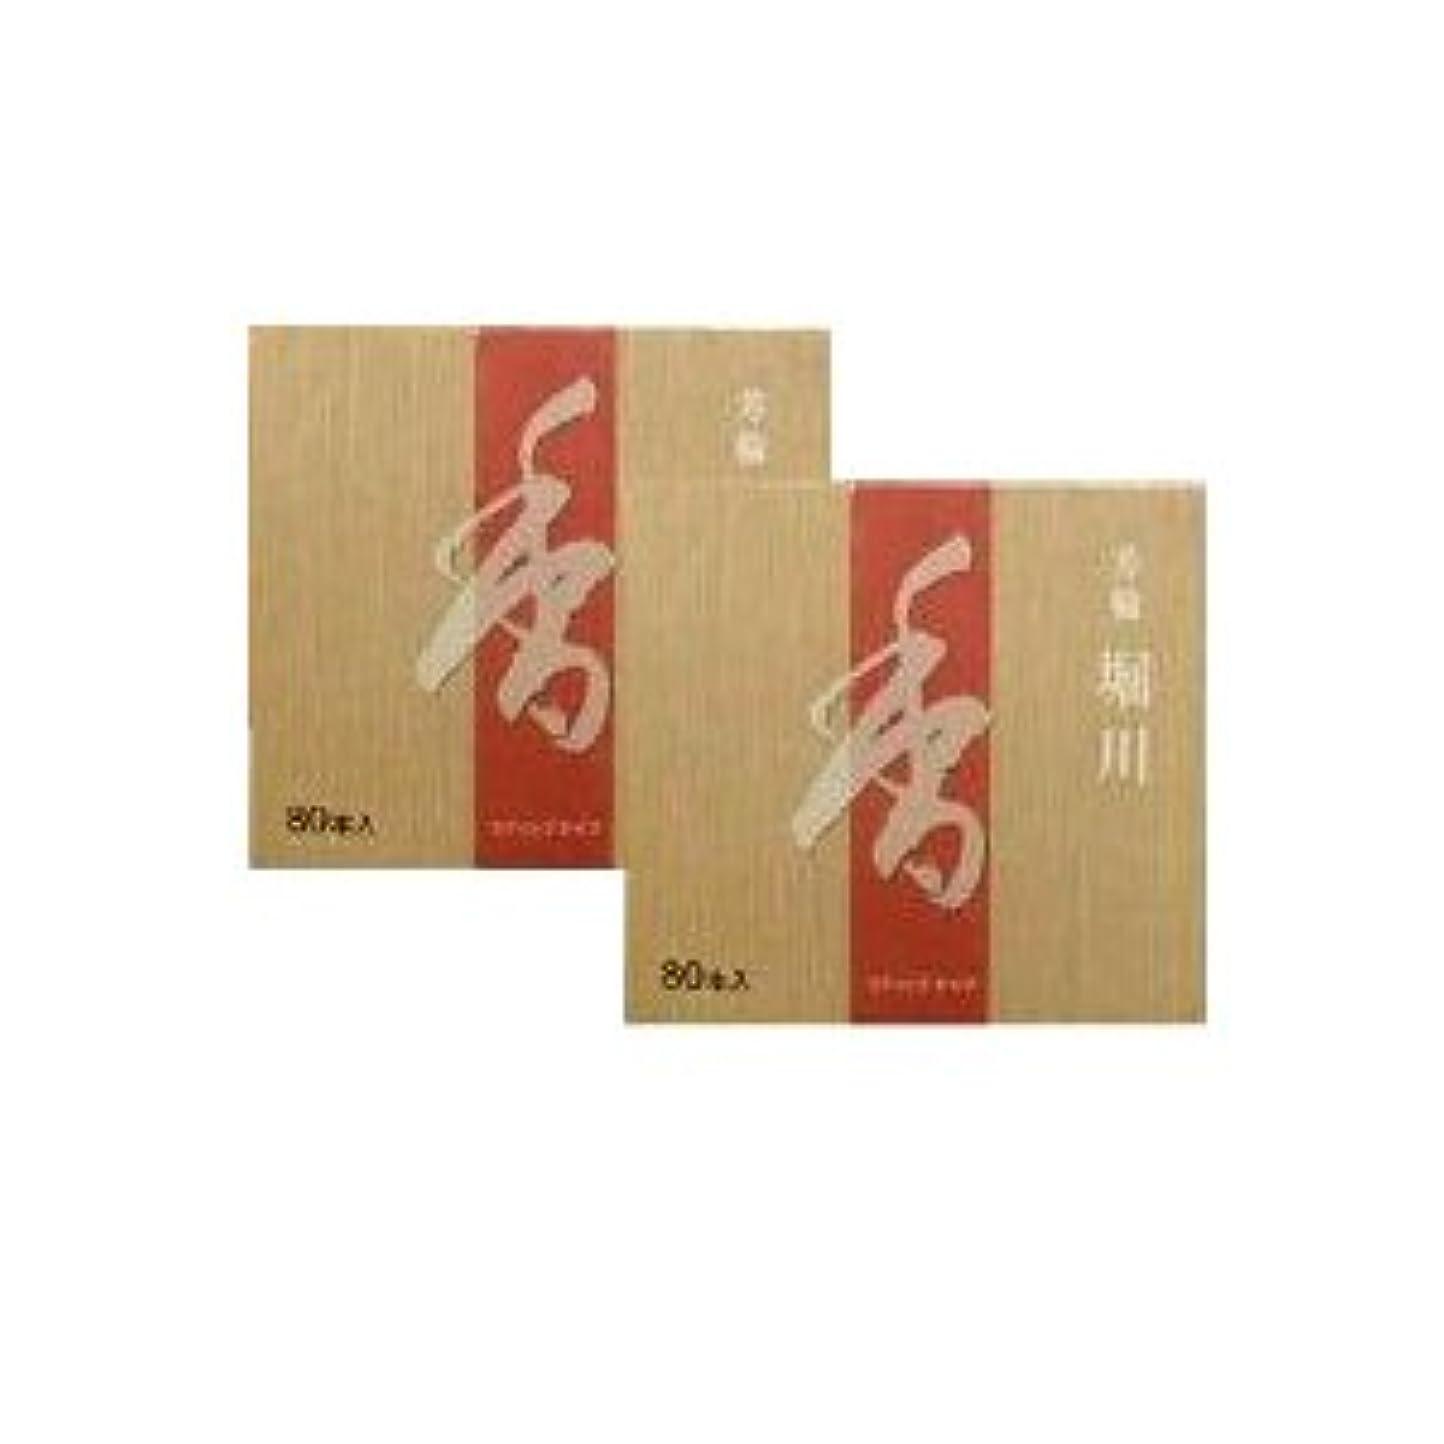 以来妻驚くばかり松栄堂 芳輪 堀川 スティック80本入 2箱セット